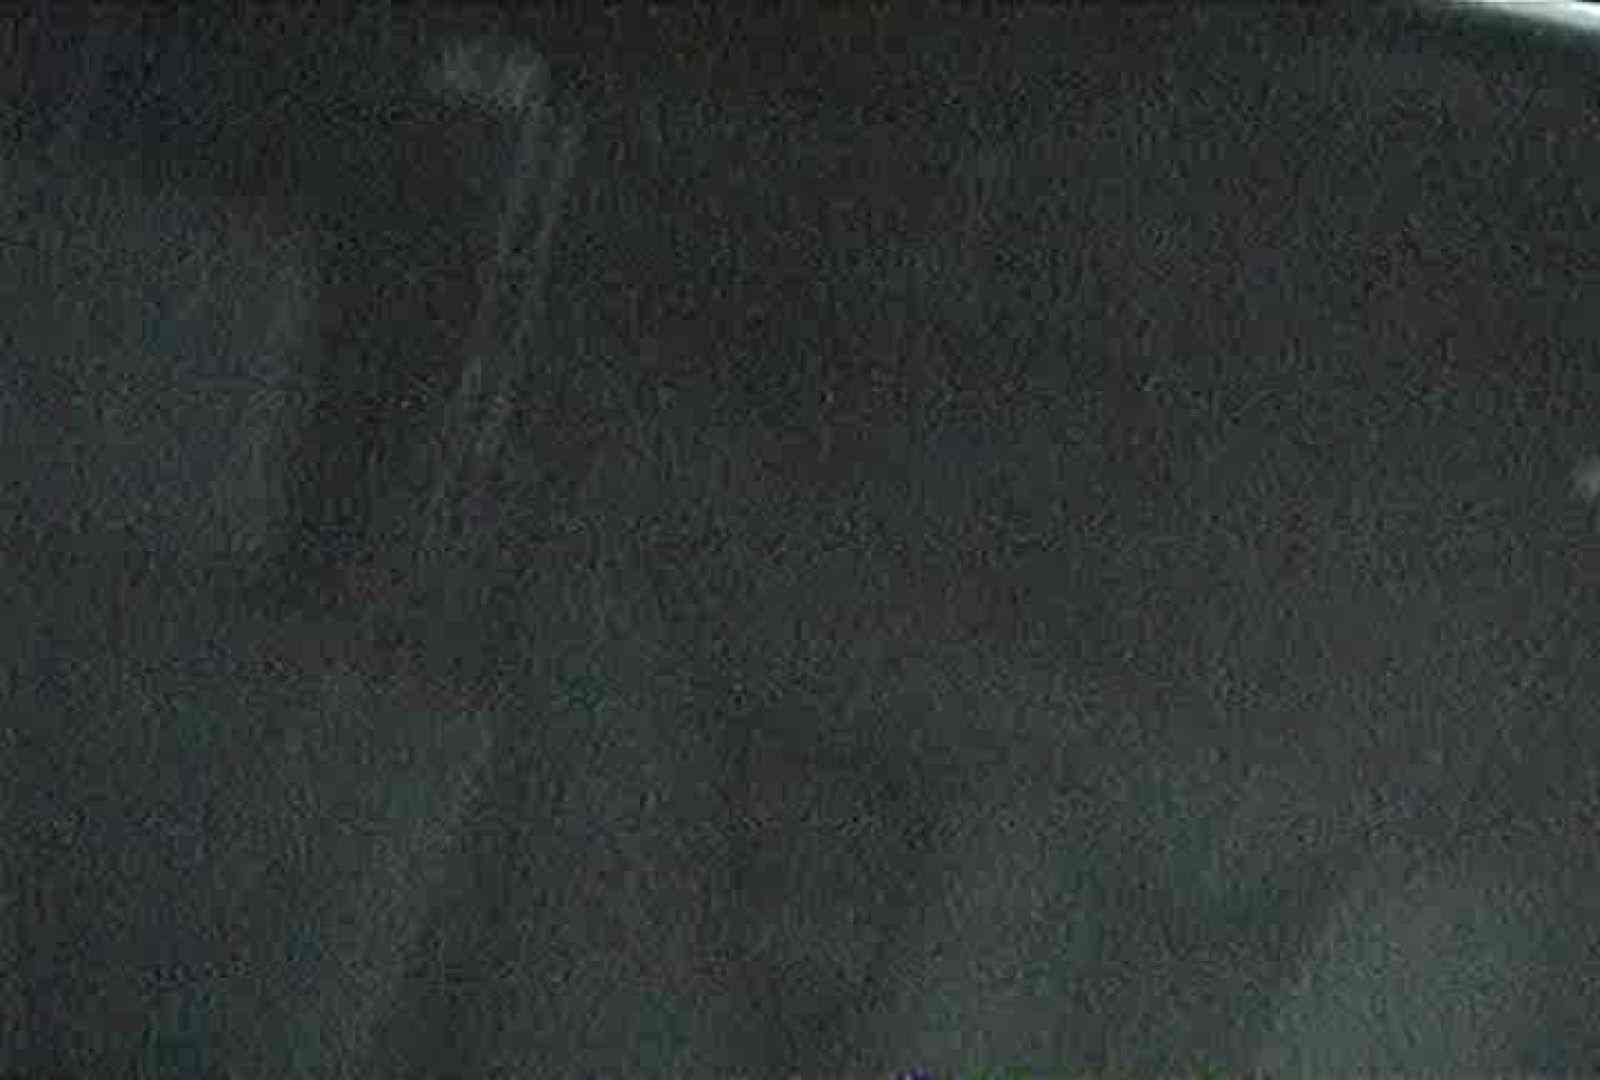 充血監督の深夜の運動会Vol.101 OLセックス 盗撮AV動画キャプチャ 81画像 32